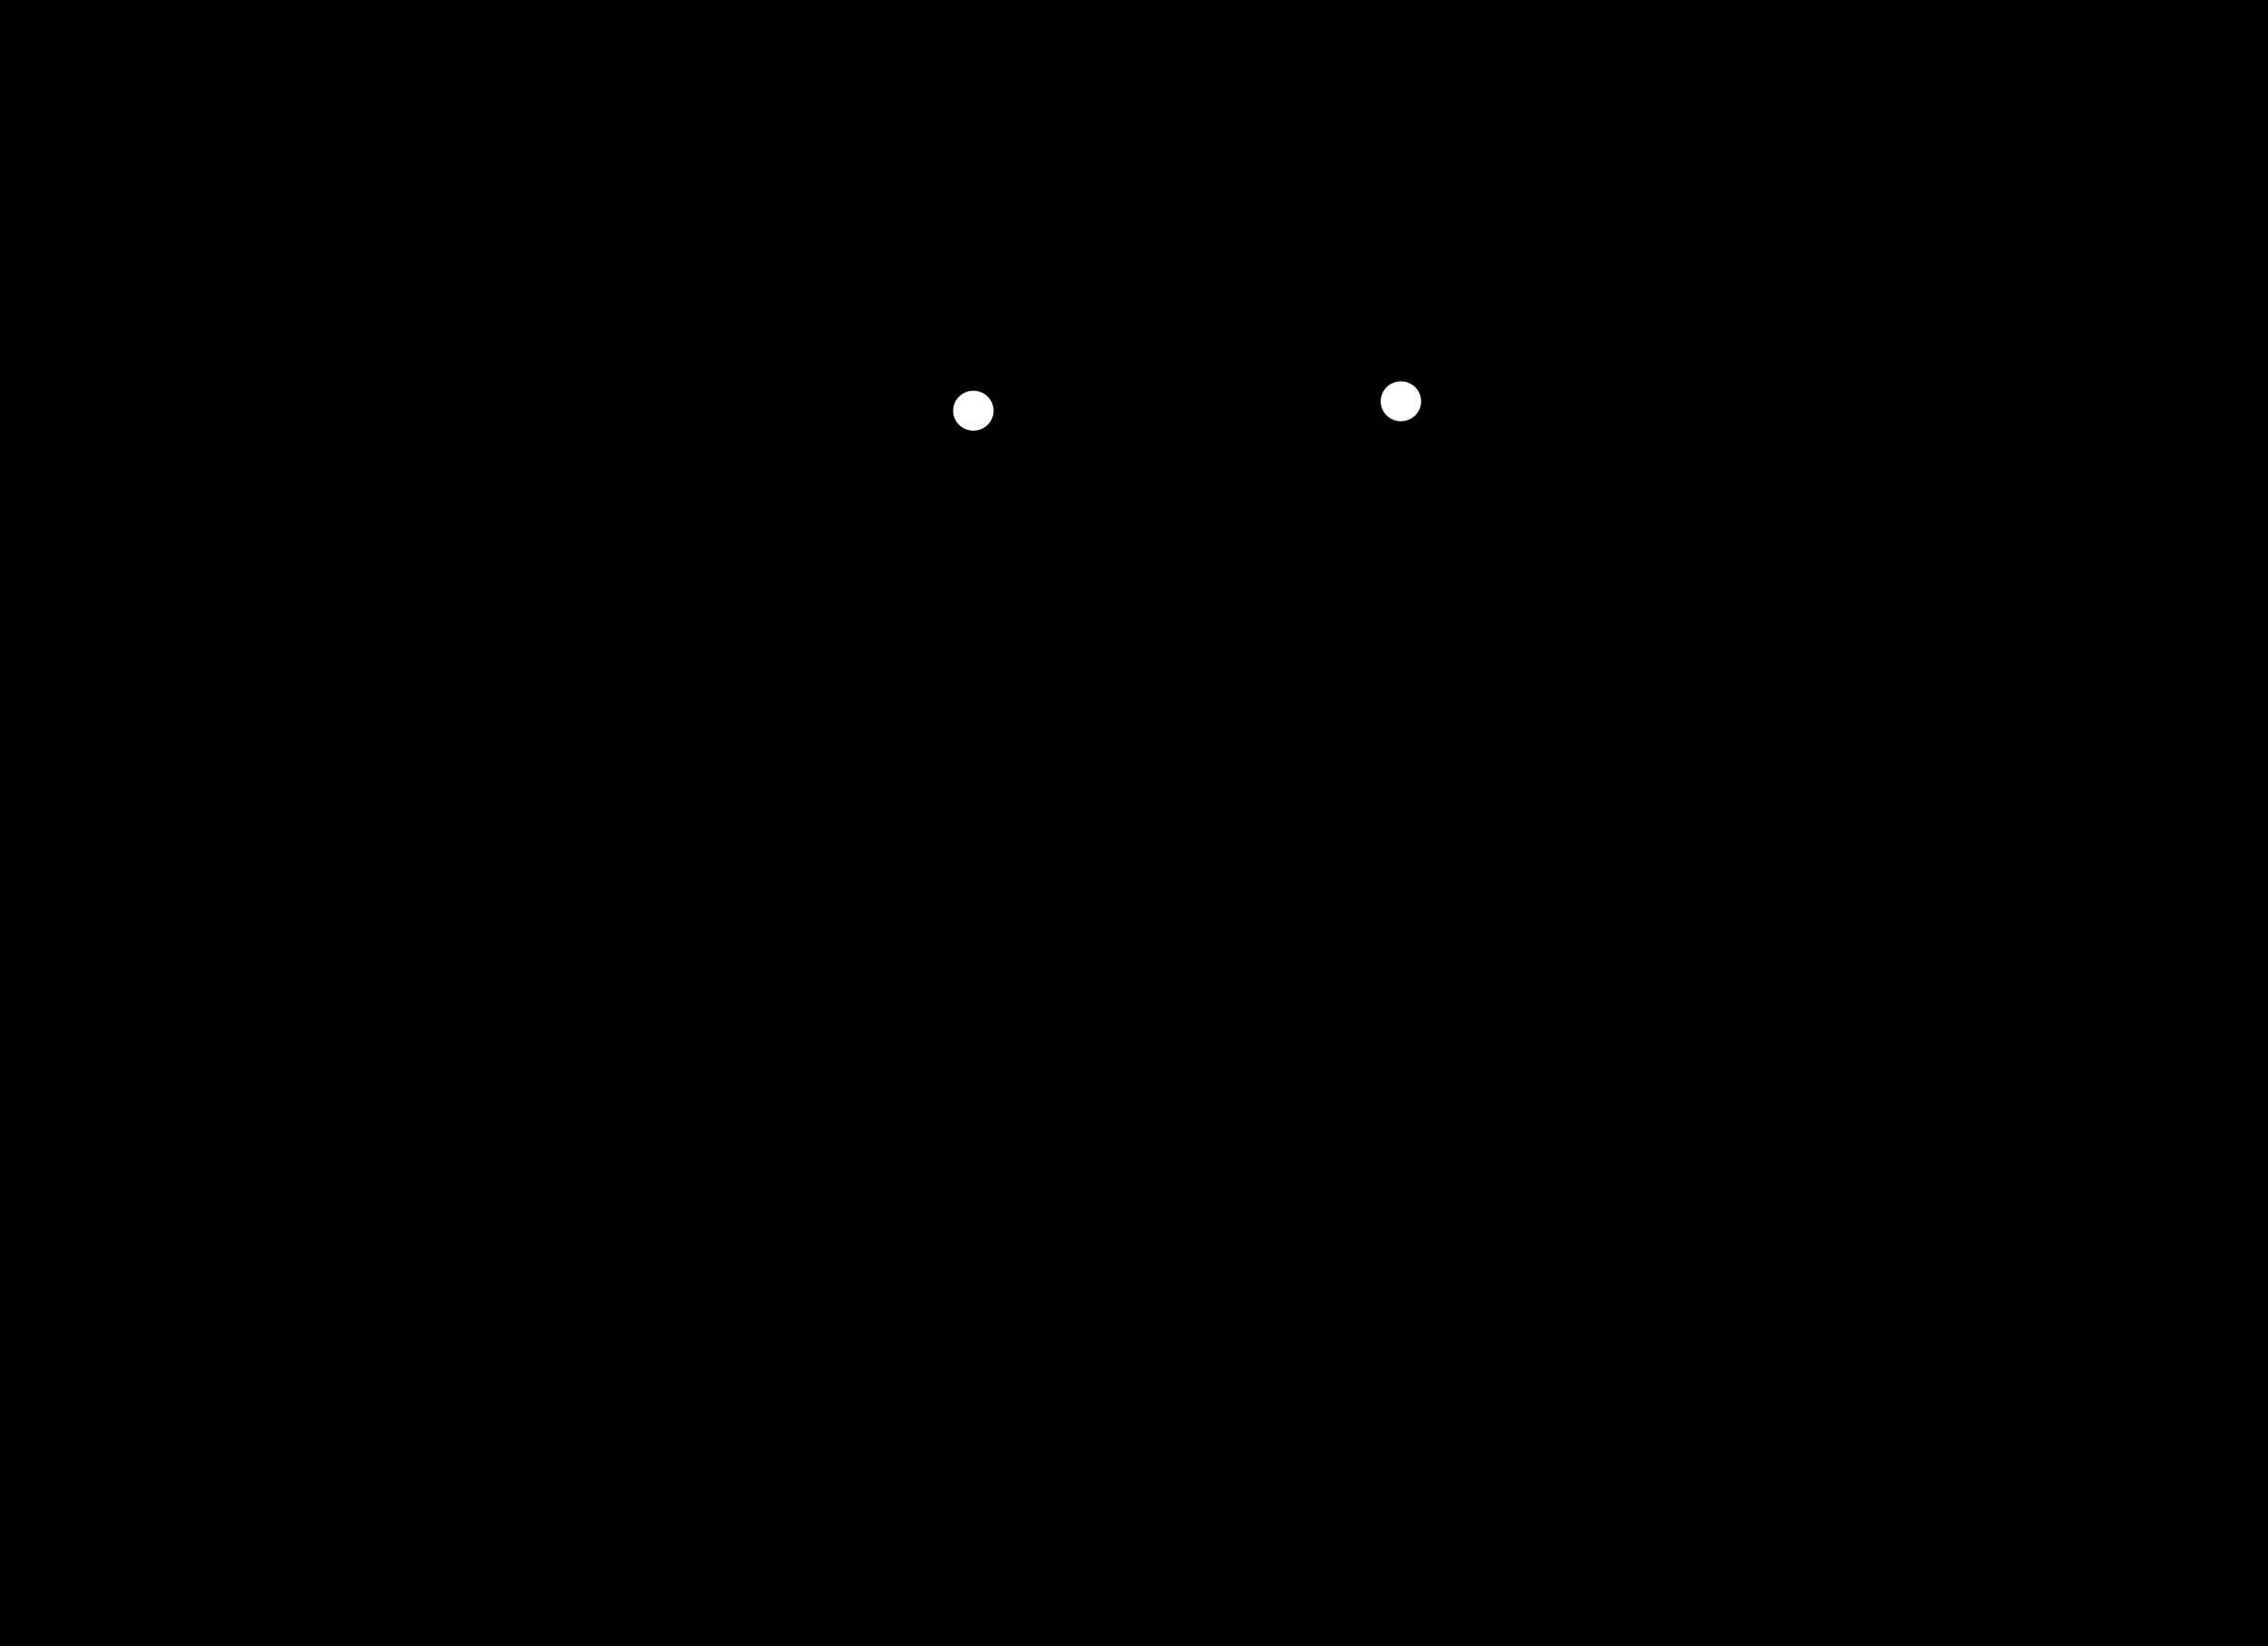 Cheburashka PNG images